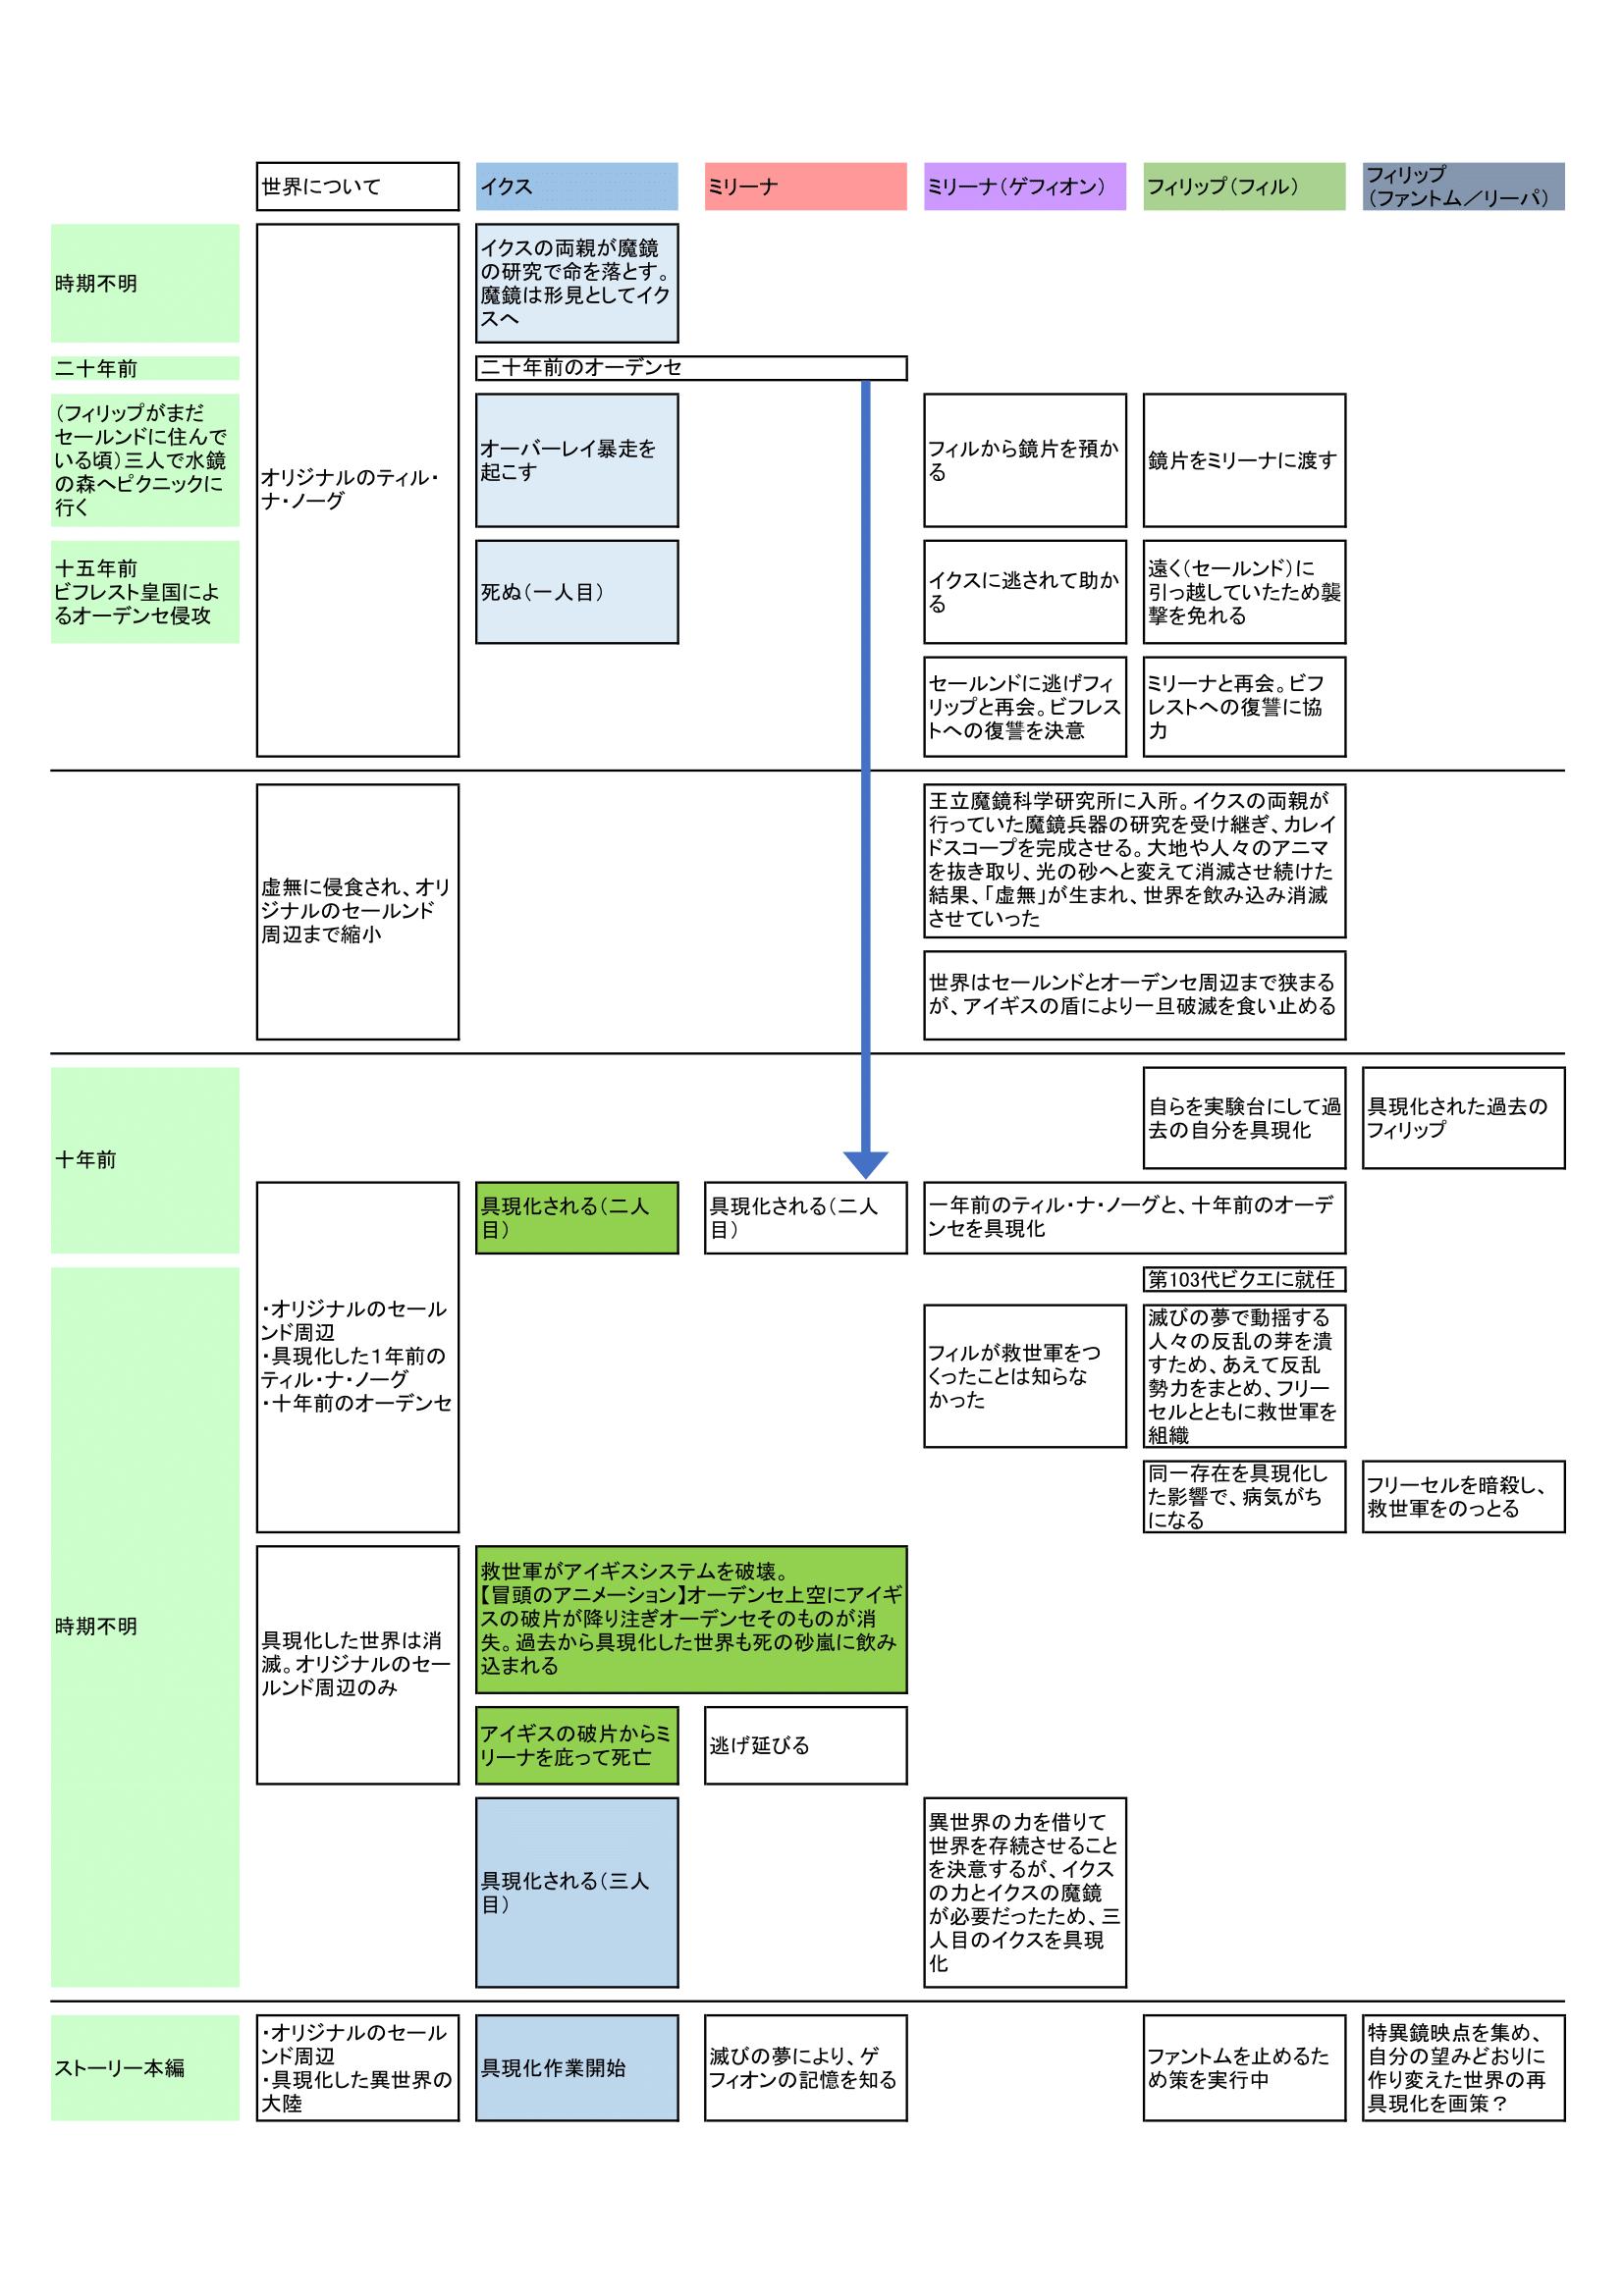 f:id:uonoushiro:20171229130324p:plain